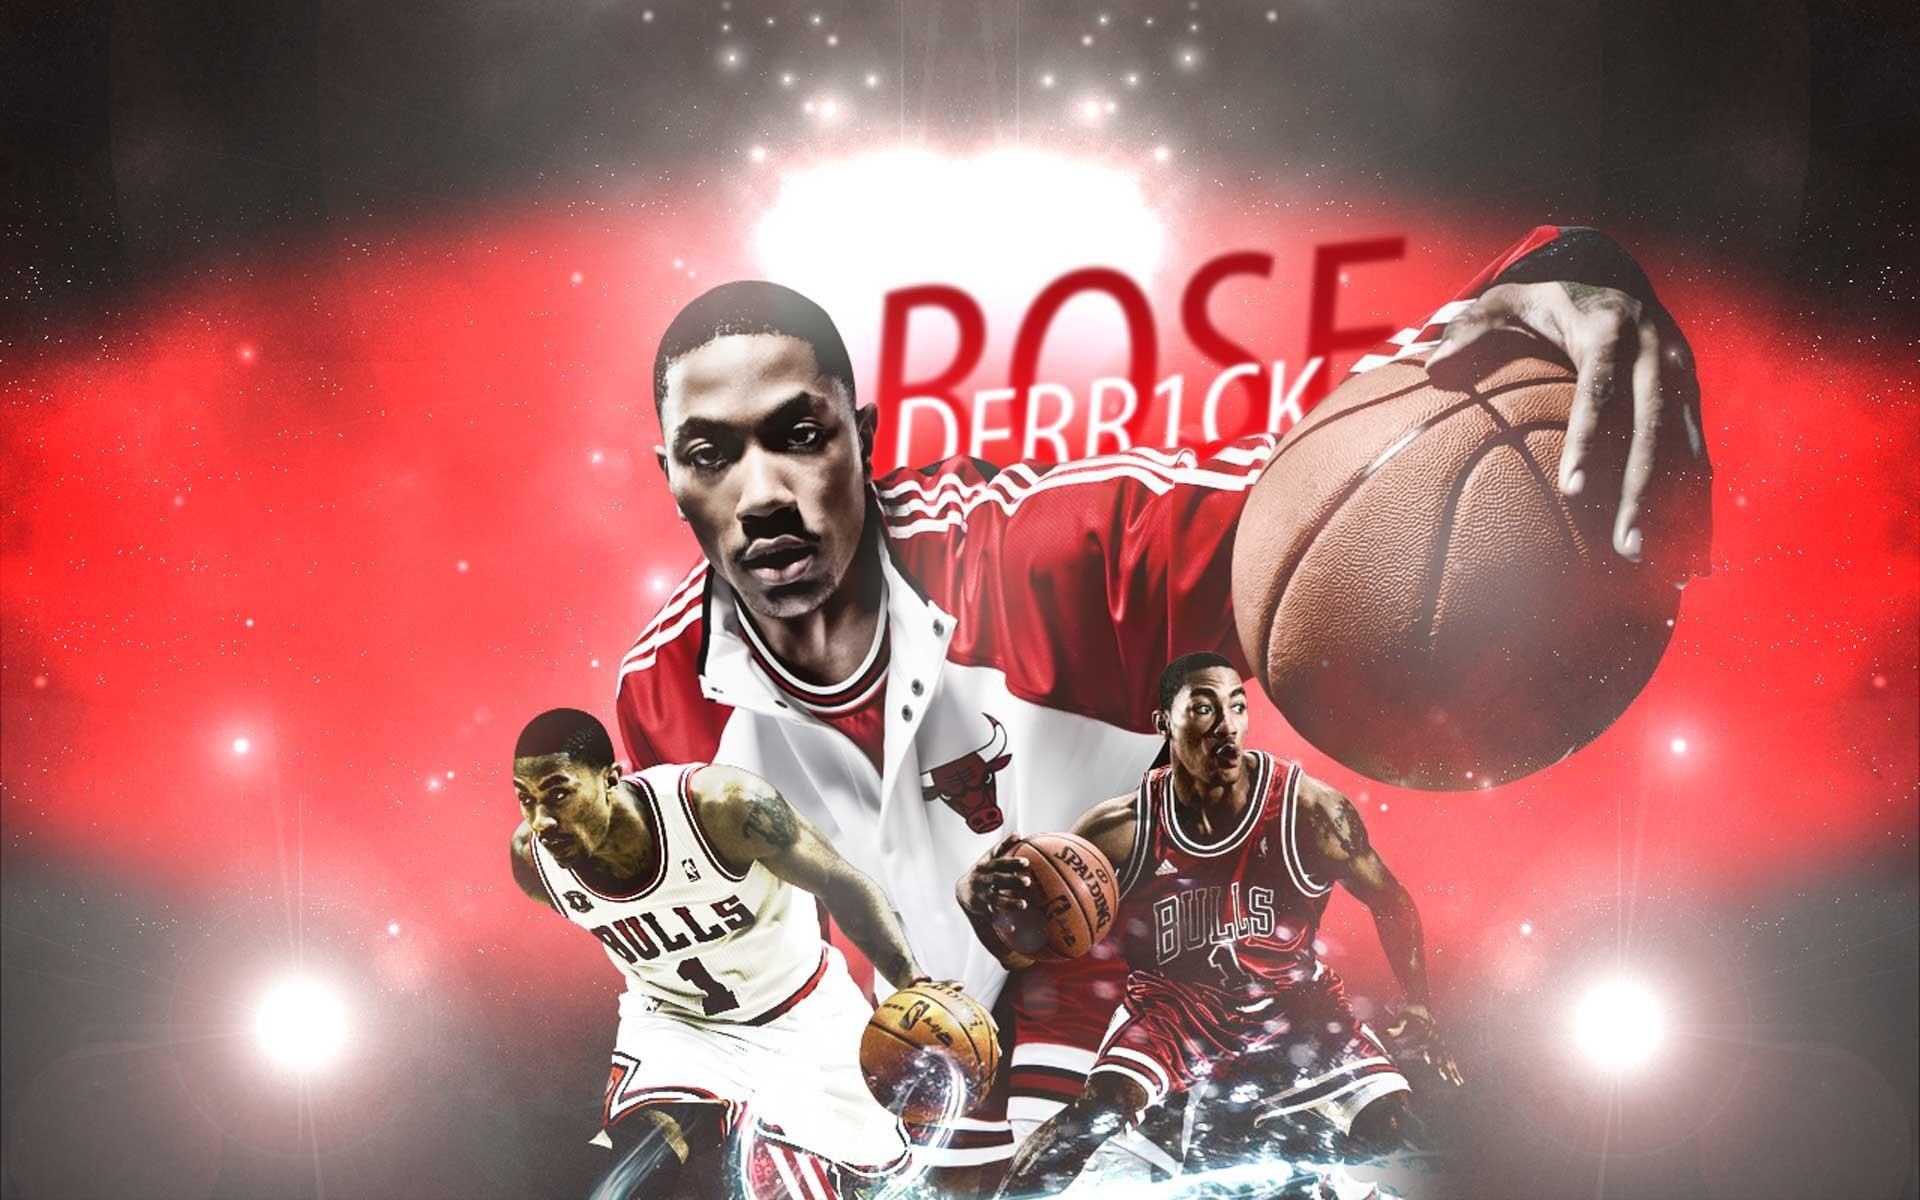 Derrick rose mvp wallpaper 71 images - Derrick rose iphone wallpaper ...